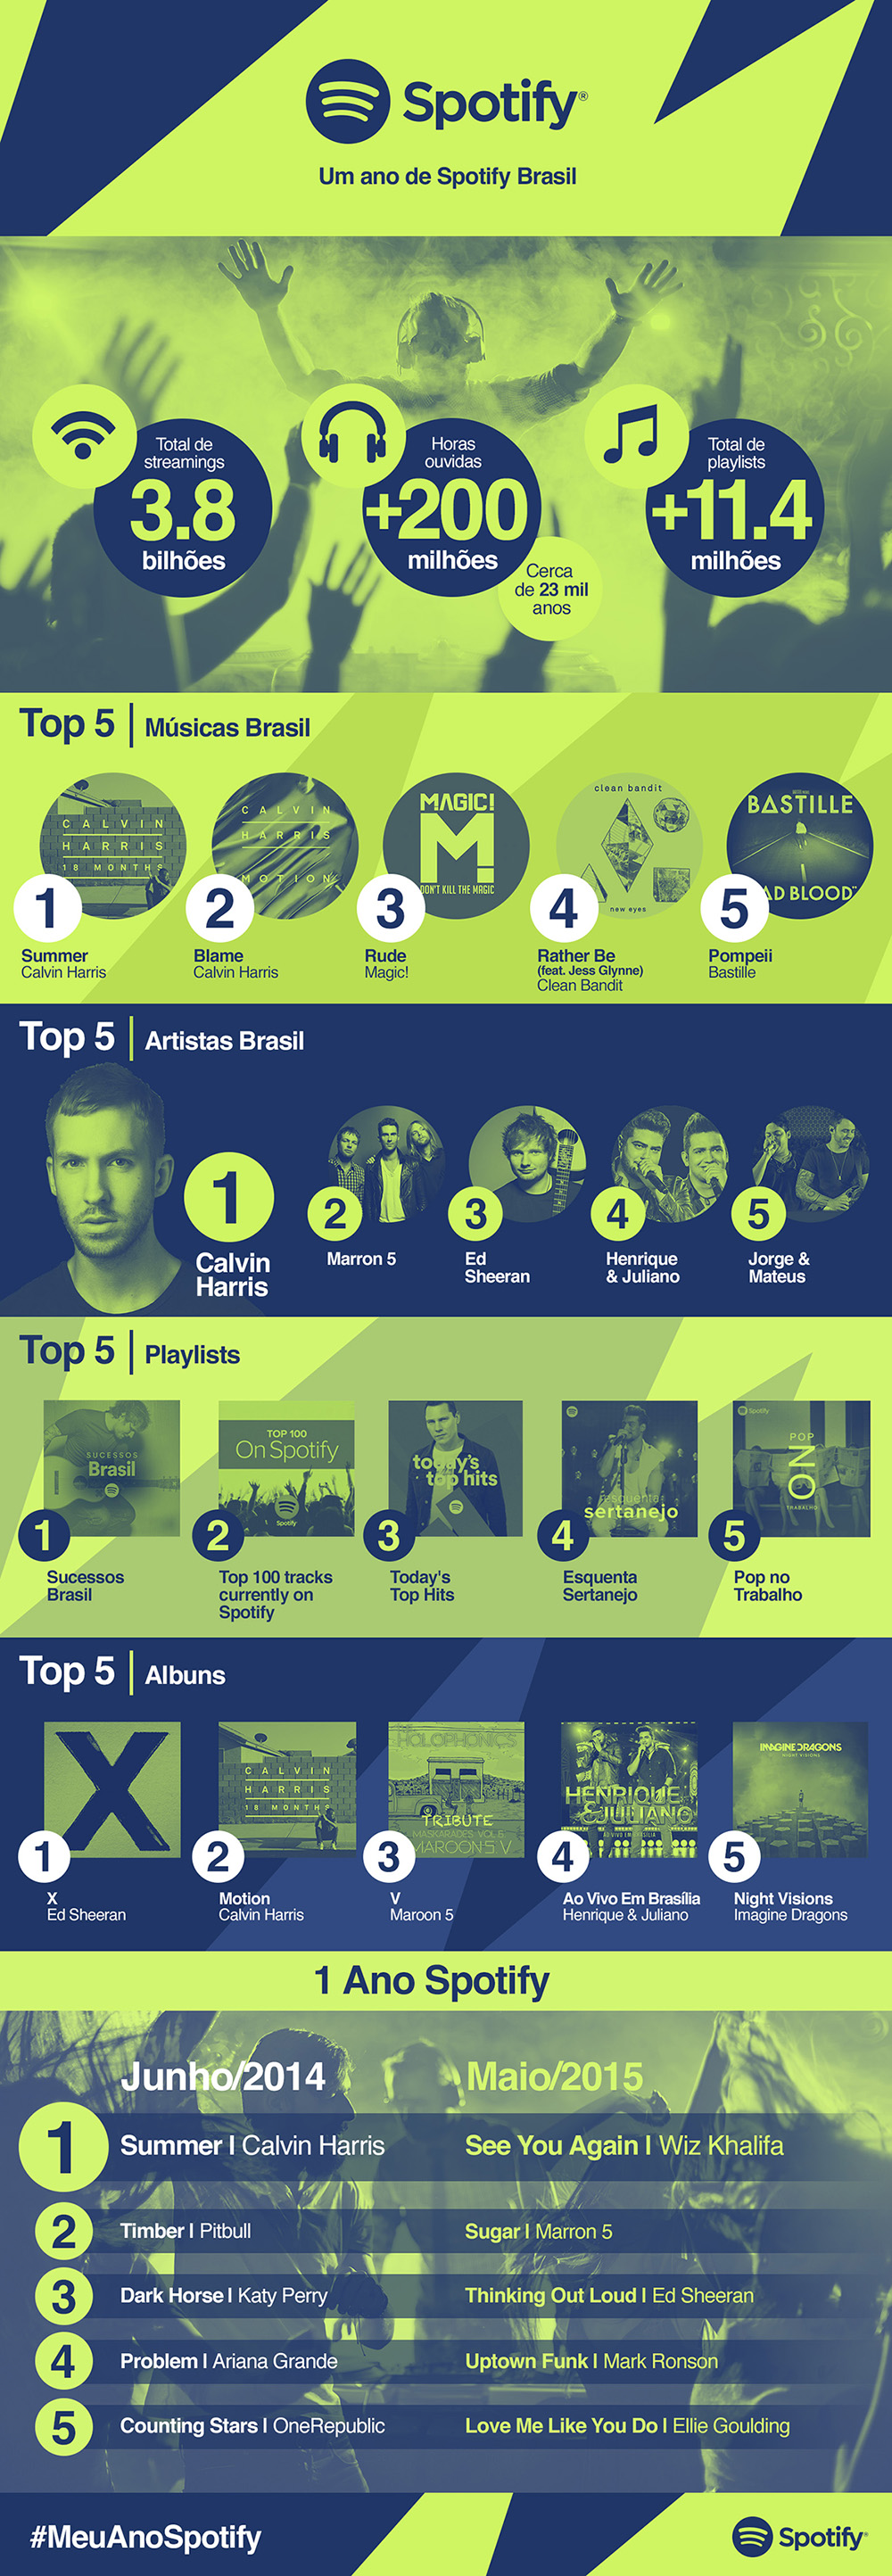 Spotify faz 1 ano no Brasil! Confira as músicas mais tocadas [infográfico]